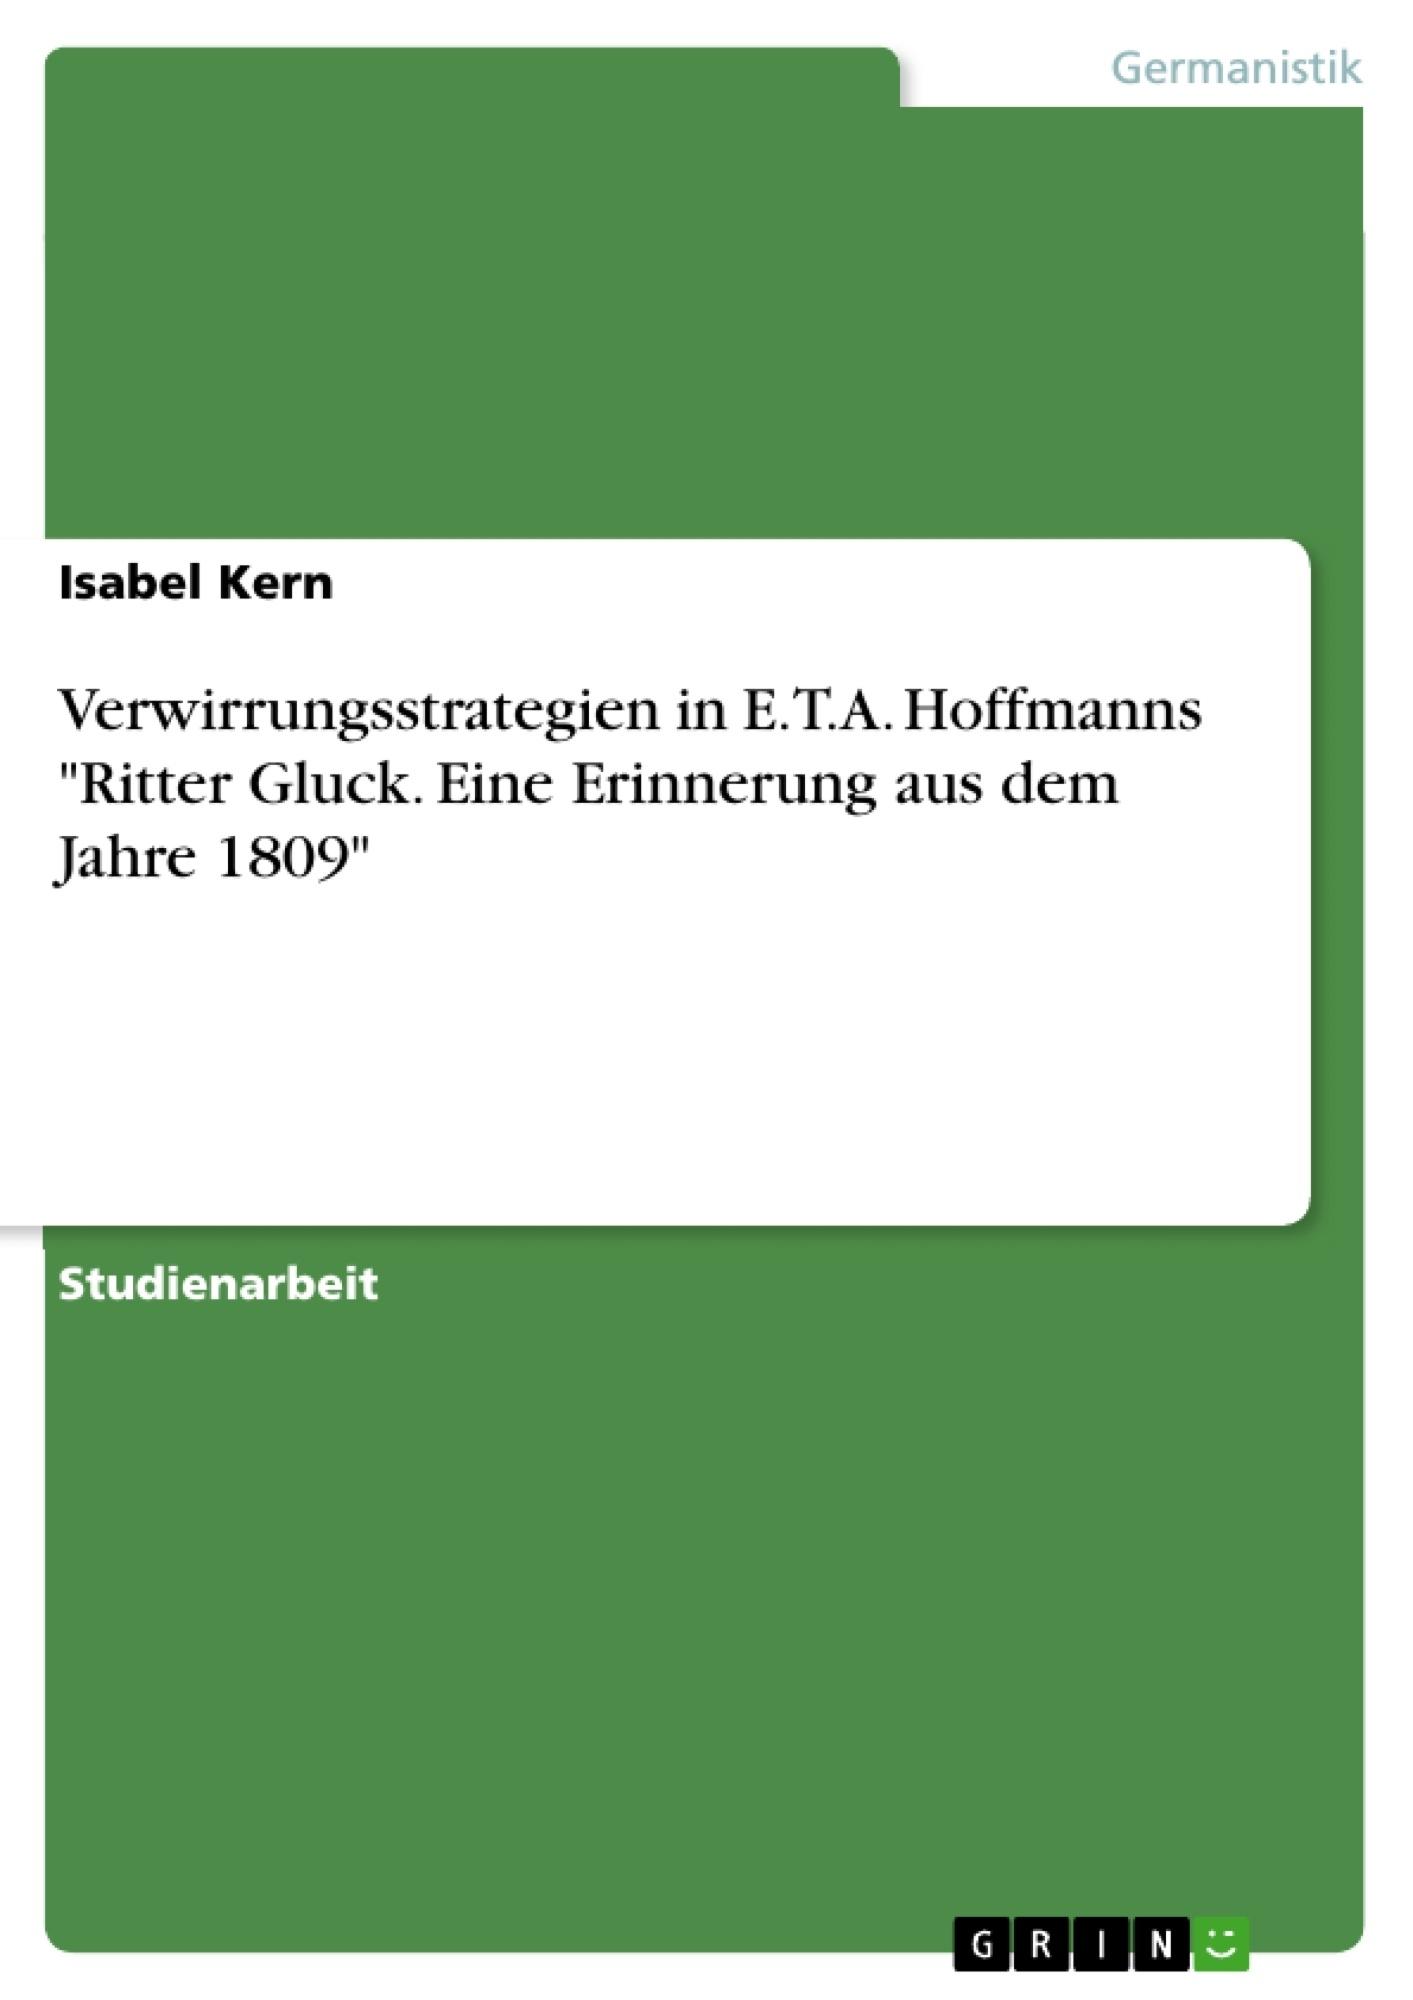 """Titel: Verwirrungsstrategien in E.T.A. Hoffmanns """"Ritter Gluck. Eine Erinnerung aus dem Jahre 1809"""""""